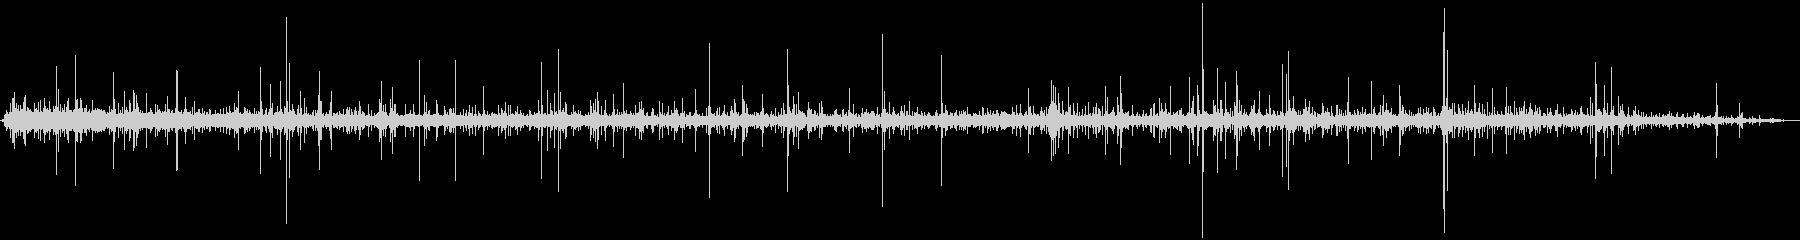 ジュジュジュ…+パチパチ… (焼く)の未再生の波形